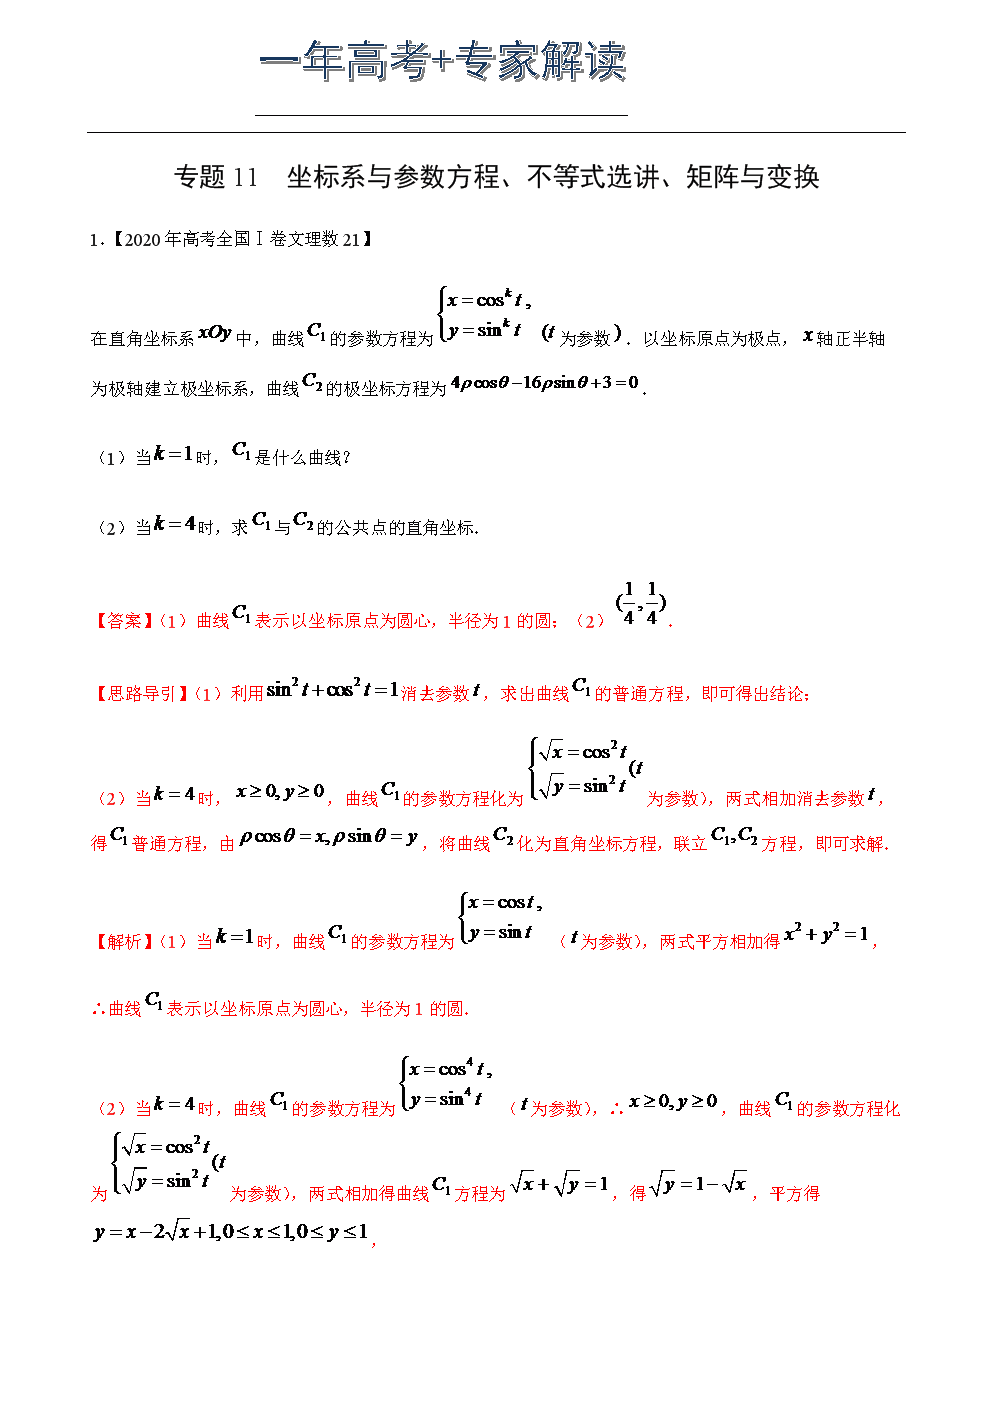 专题11 坐标系与参数方程、不等式选讲-2020年高考数学真题专家解读.docx